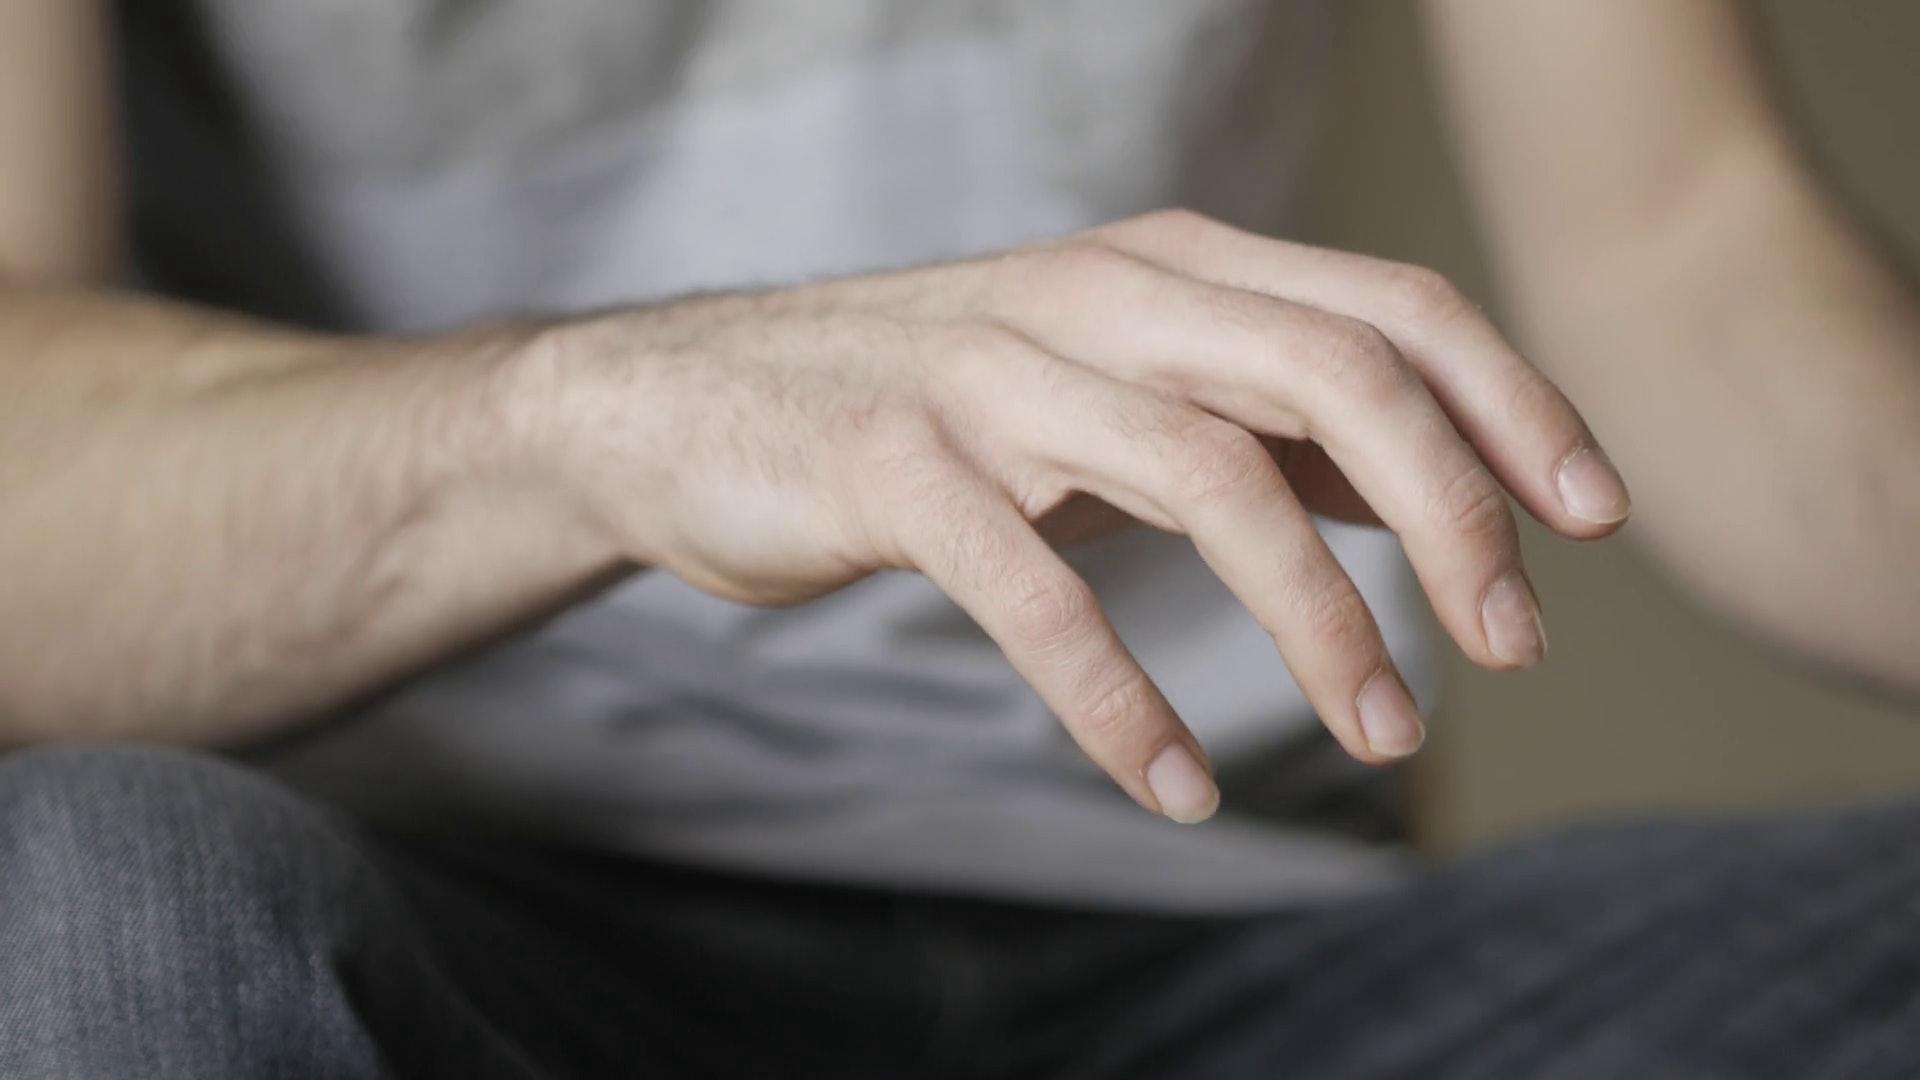 柏金遜症的病徵可分為三個階段,最為人熟知的手震症狀屬早期病徵;晚期可惡化至失去自理能力。(圖片:vk)